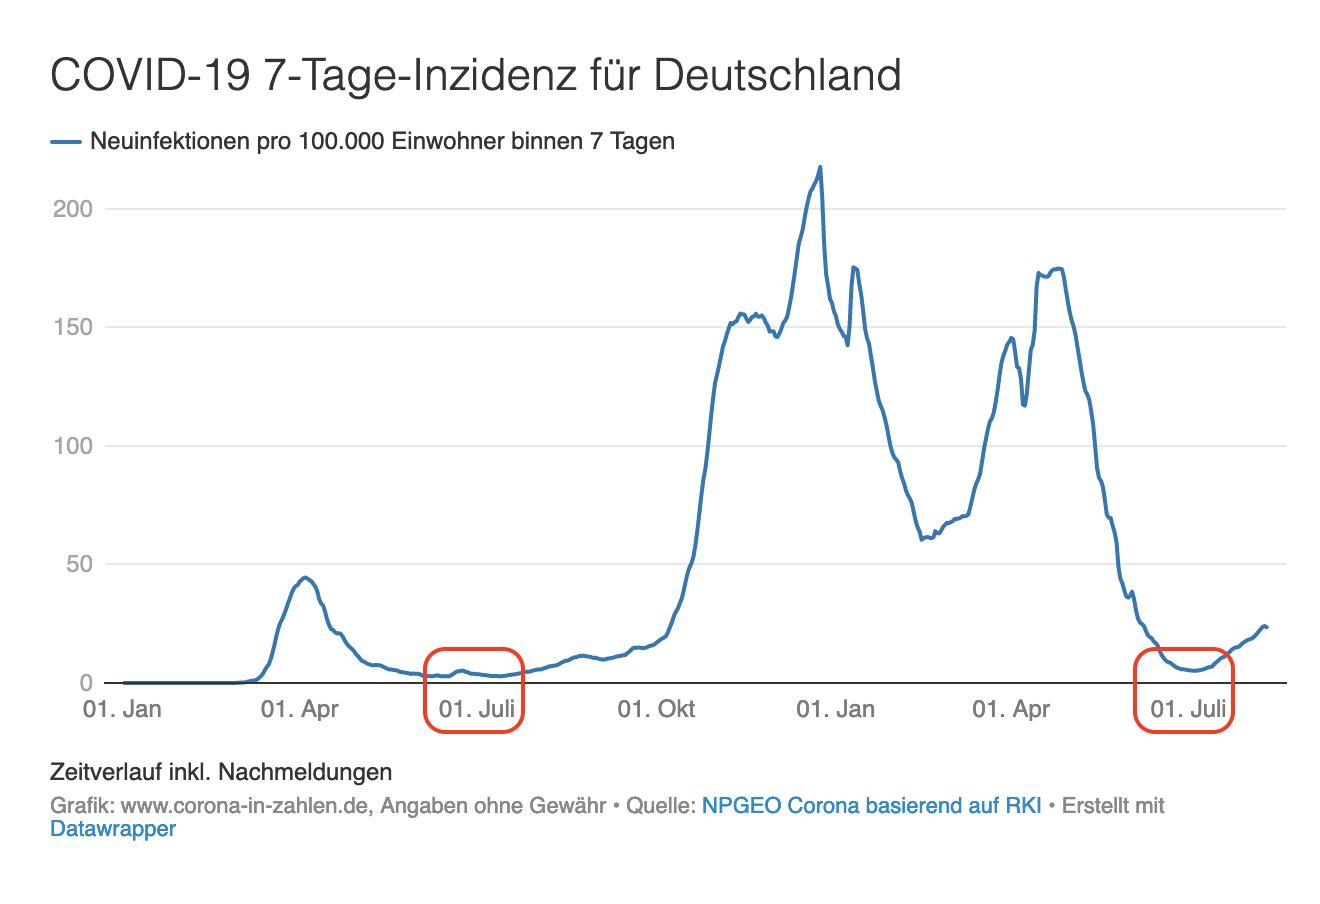 Corona Inzidenz seit Januar 2020 in Deutschland